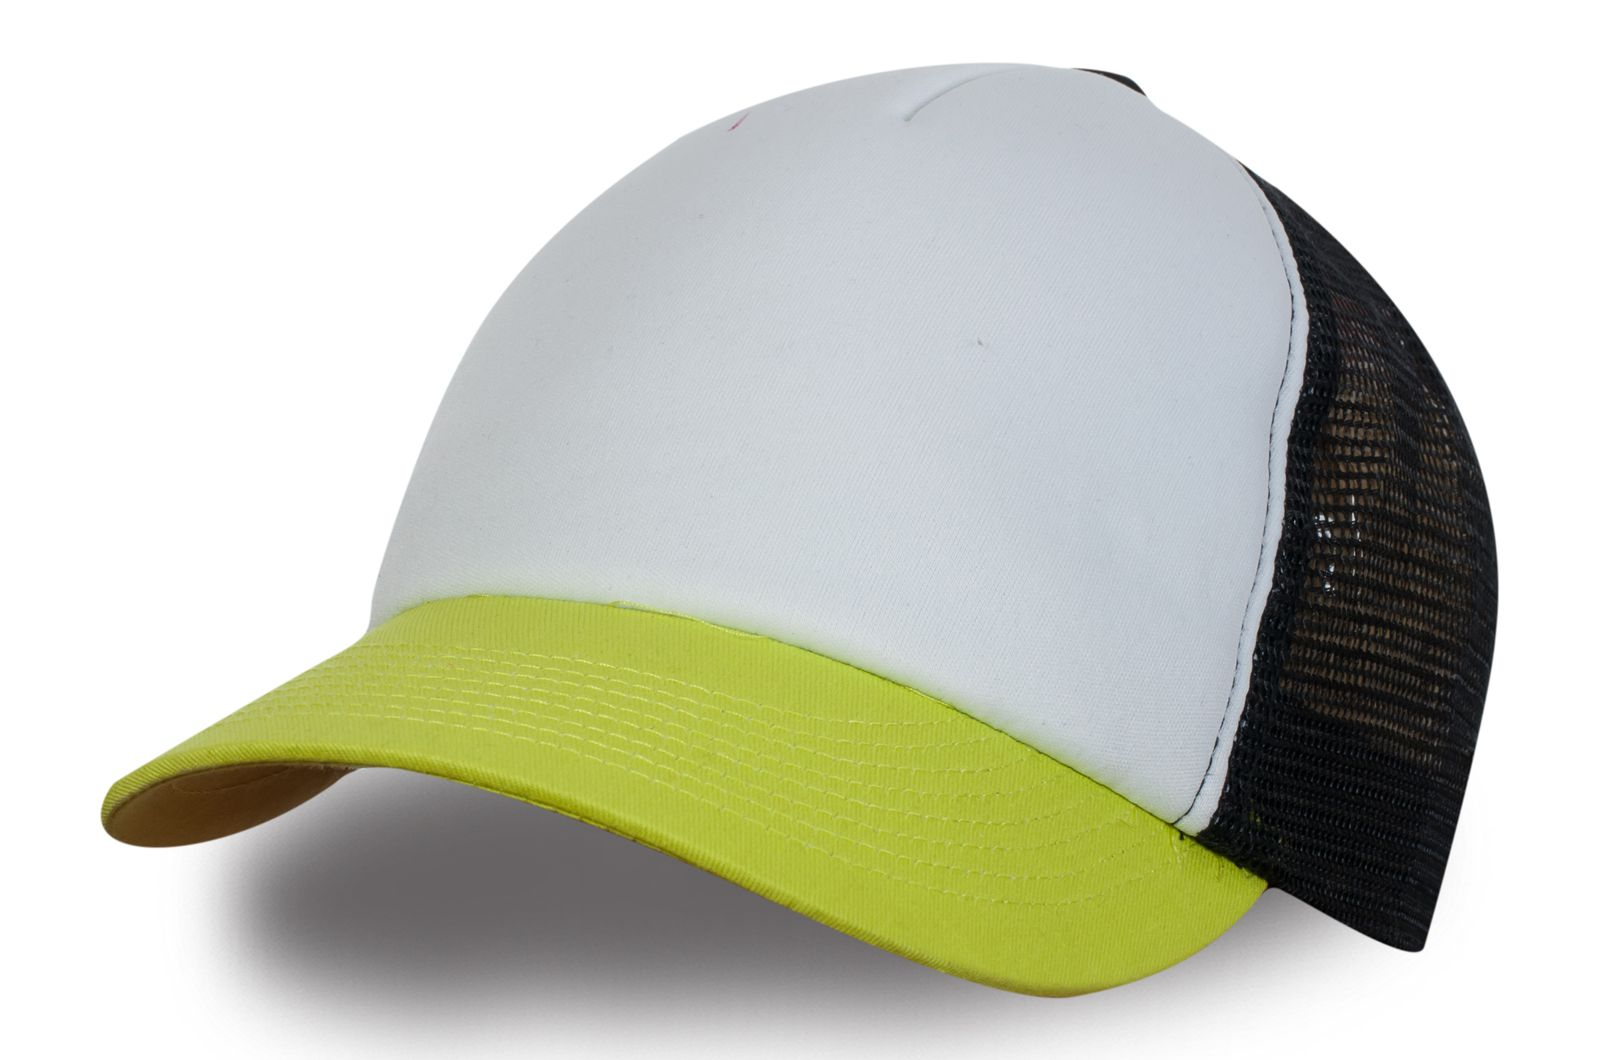 Бейсболка жёлто-белая с чёрной сеткой